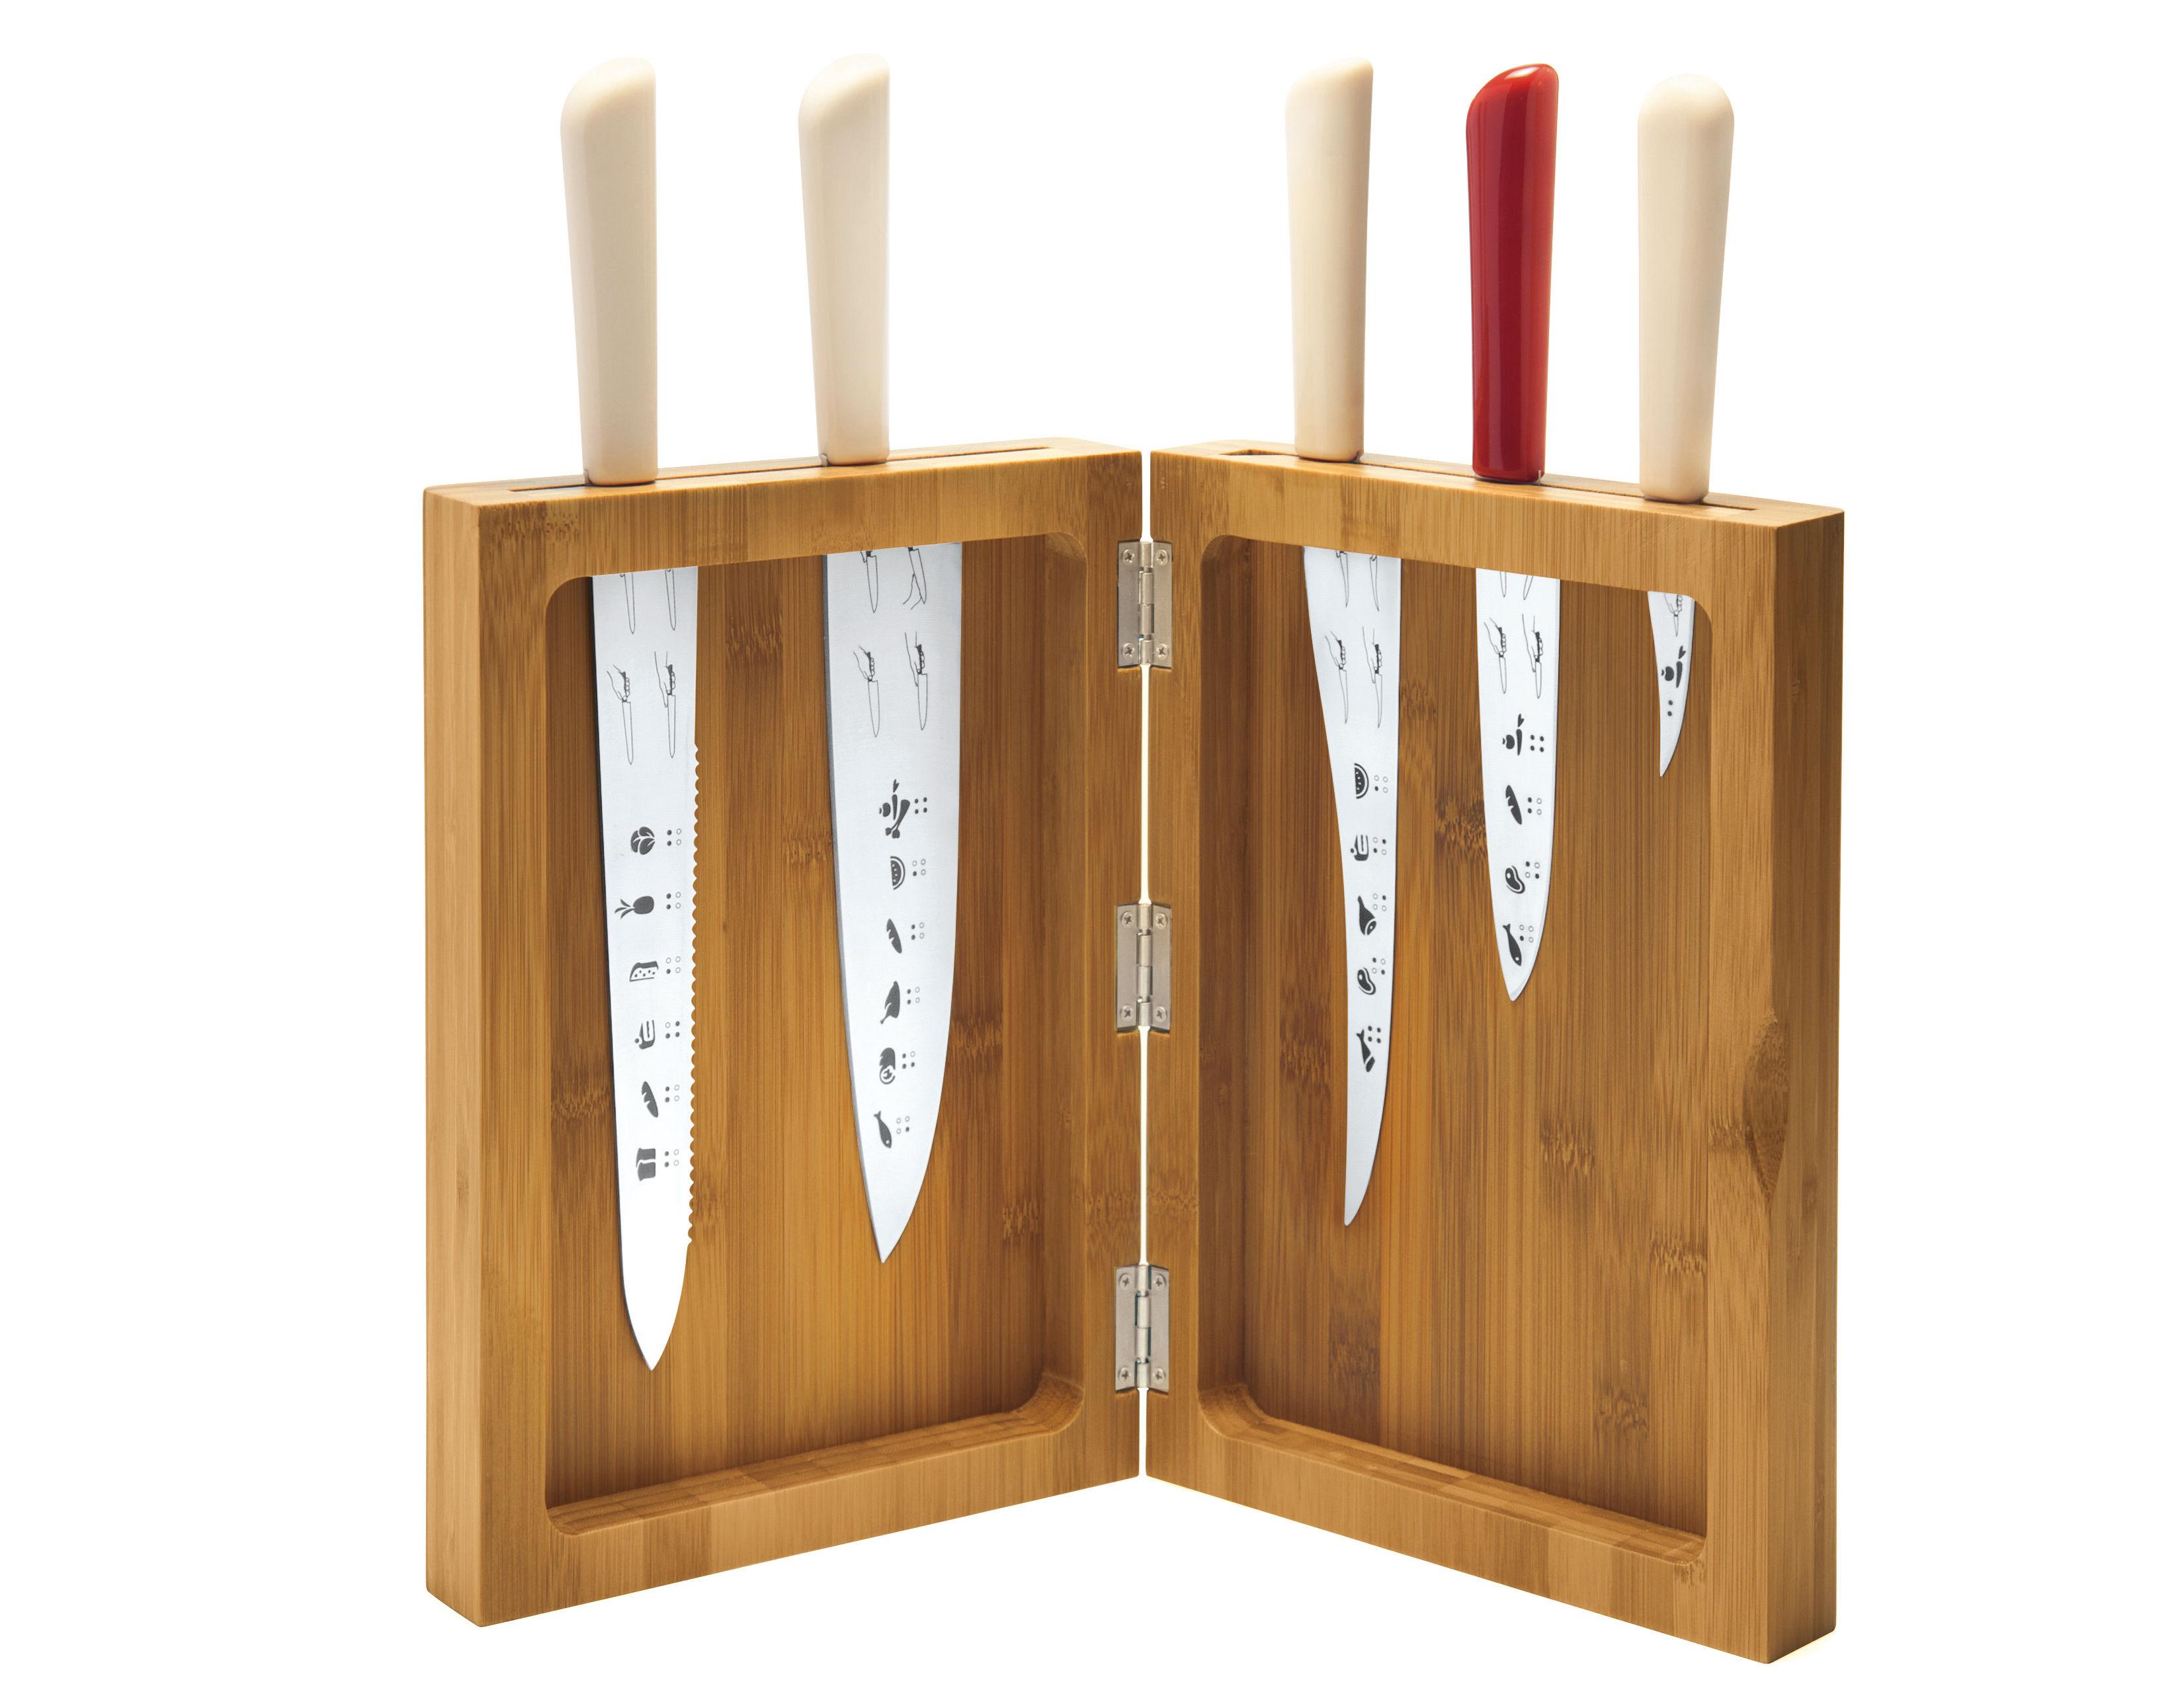 Cuisine - Couteaux de cuisine - Bloc à couteaux K-block / Bambou - Alessi - Bloc couteaux - Bambou - Bambou